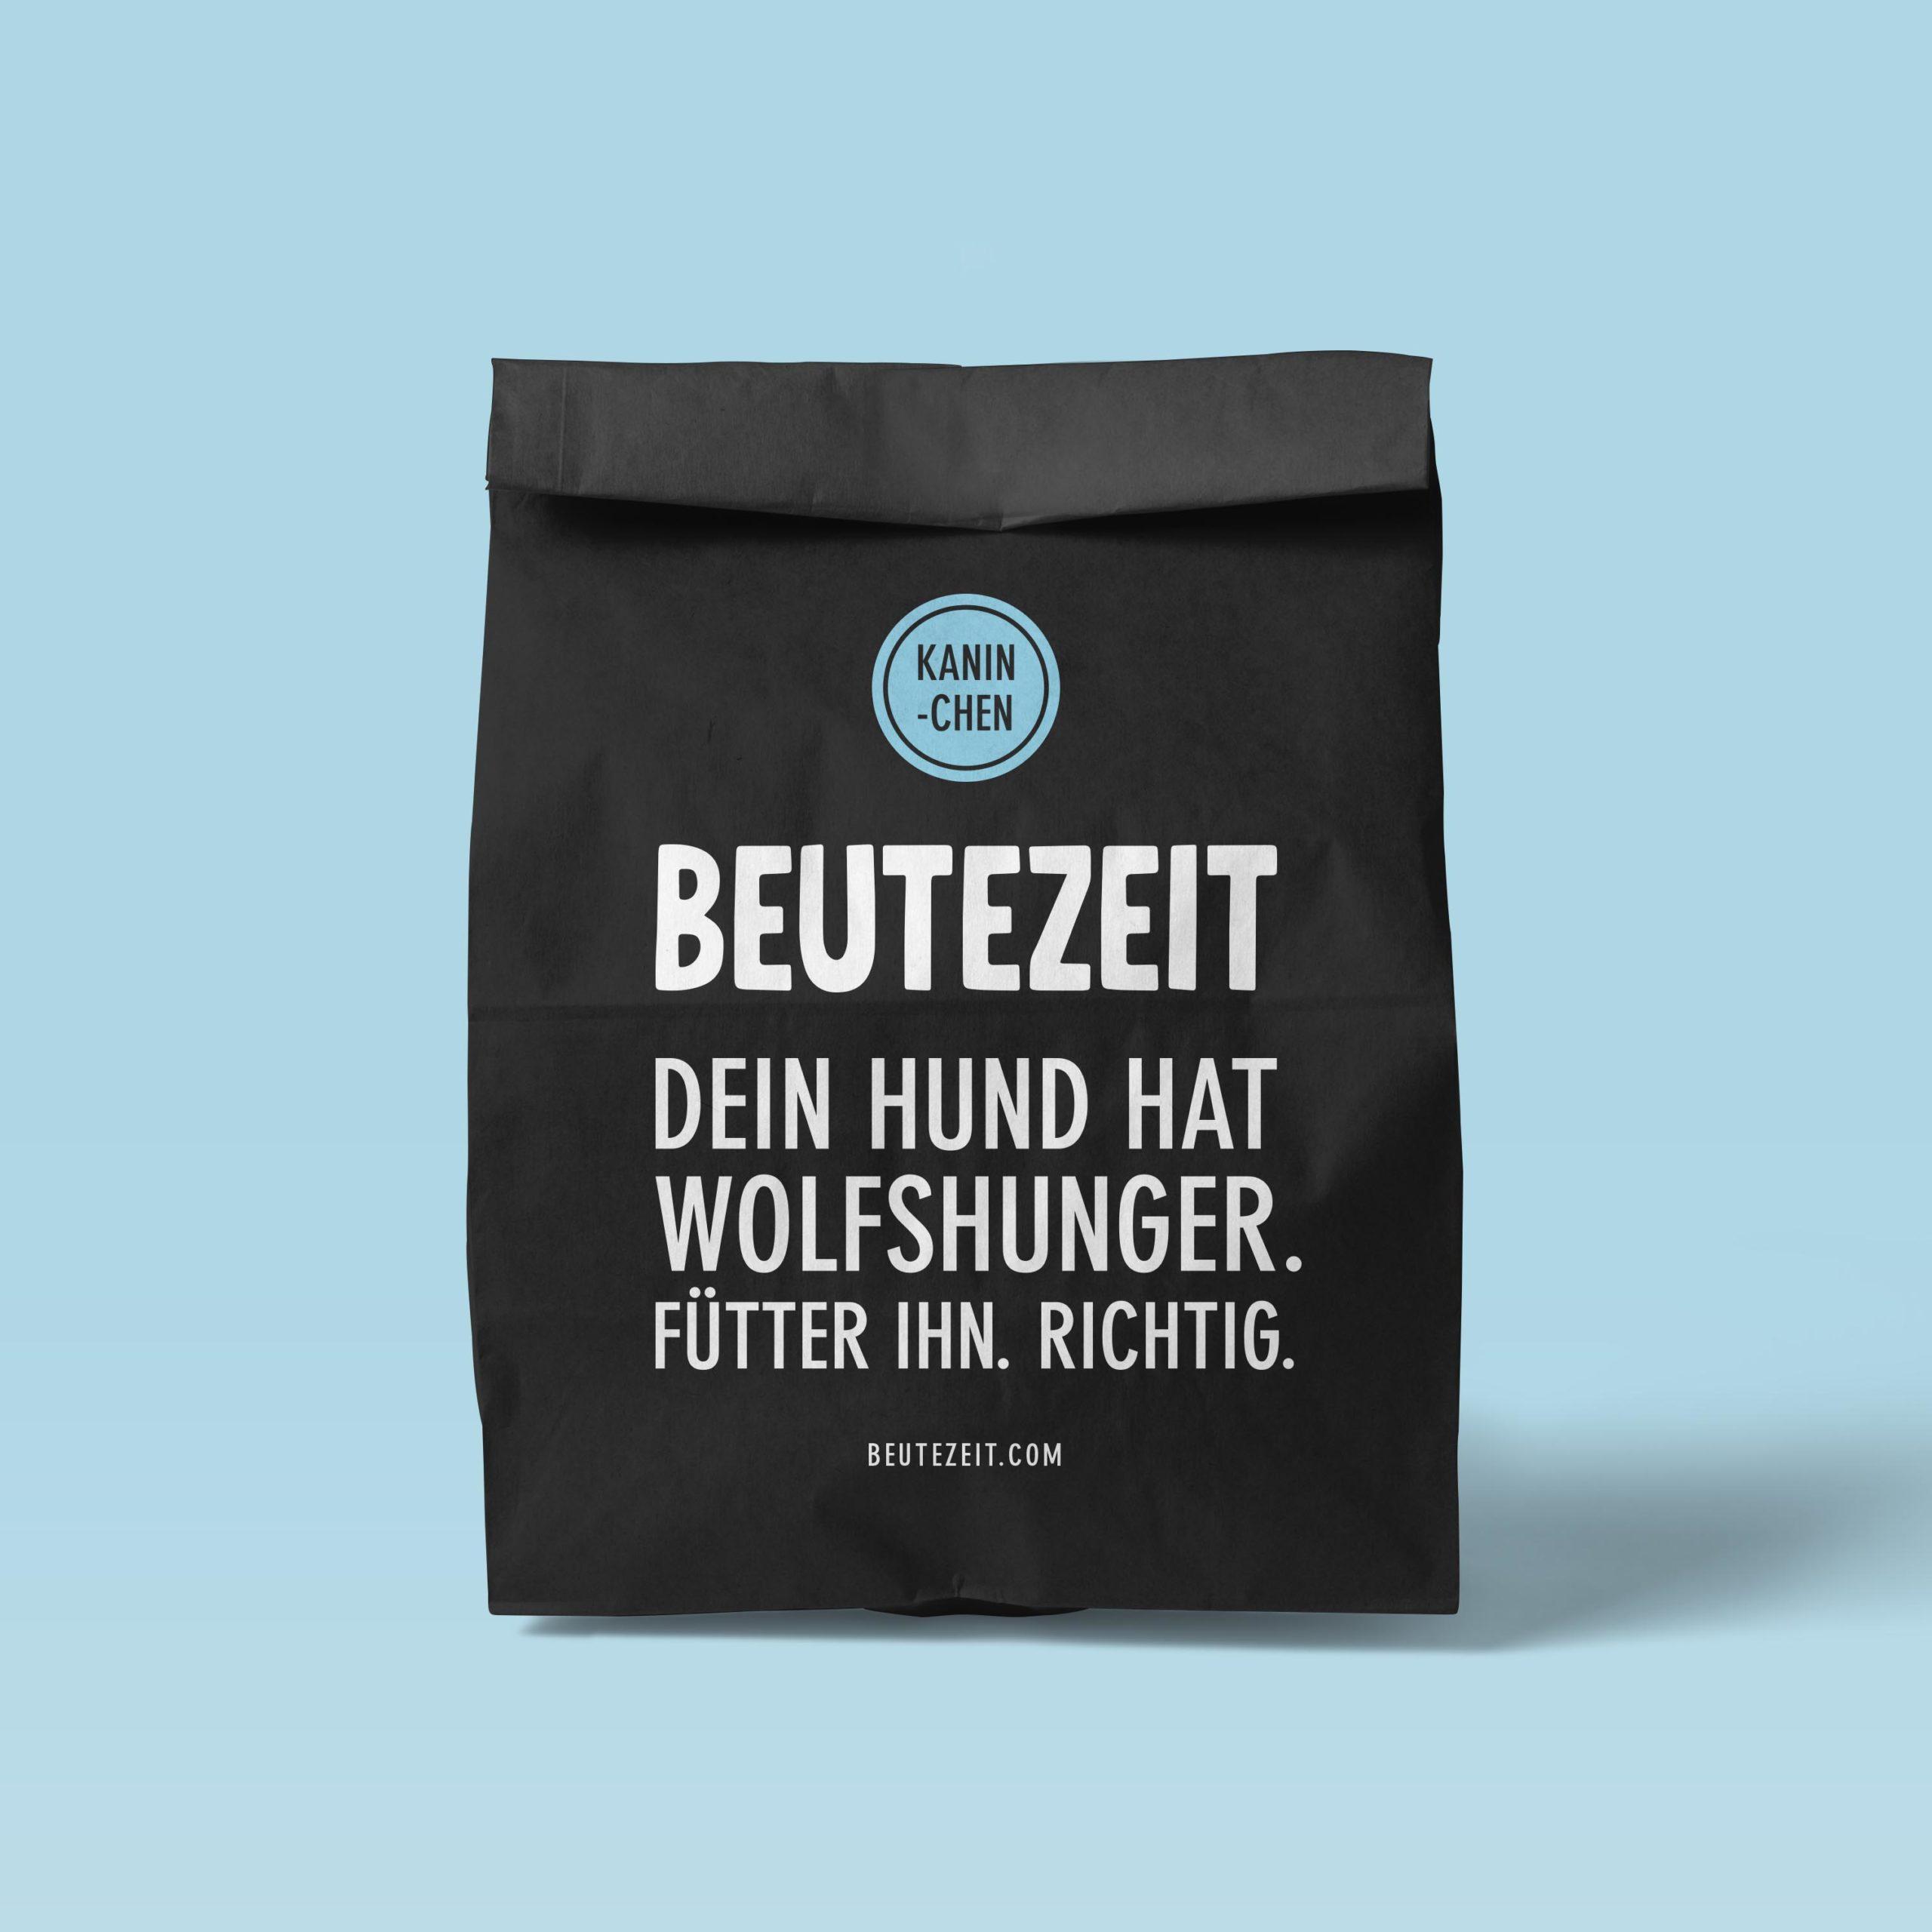 BEUTEZEIT, Verpackungsdesign von Zena Bala